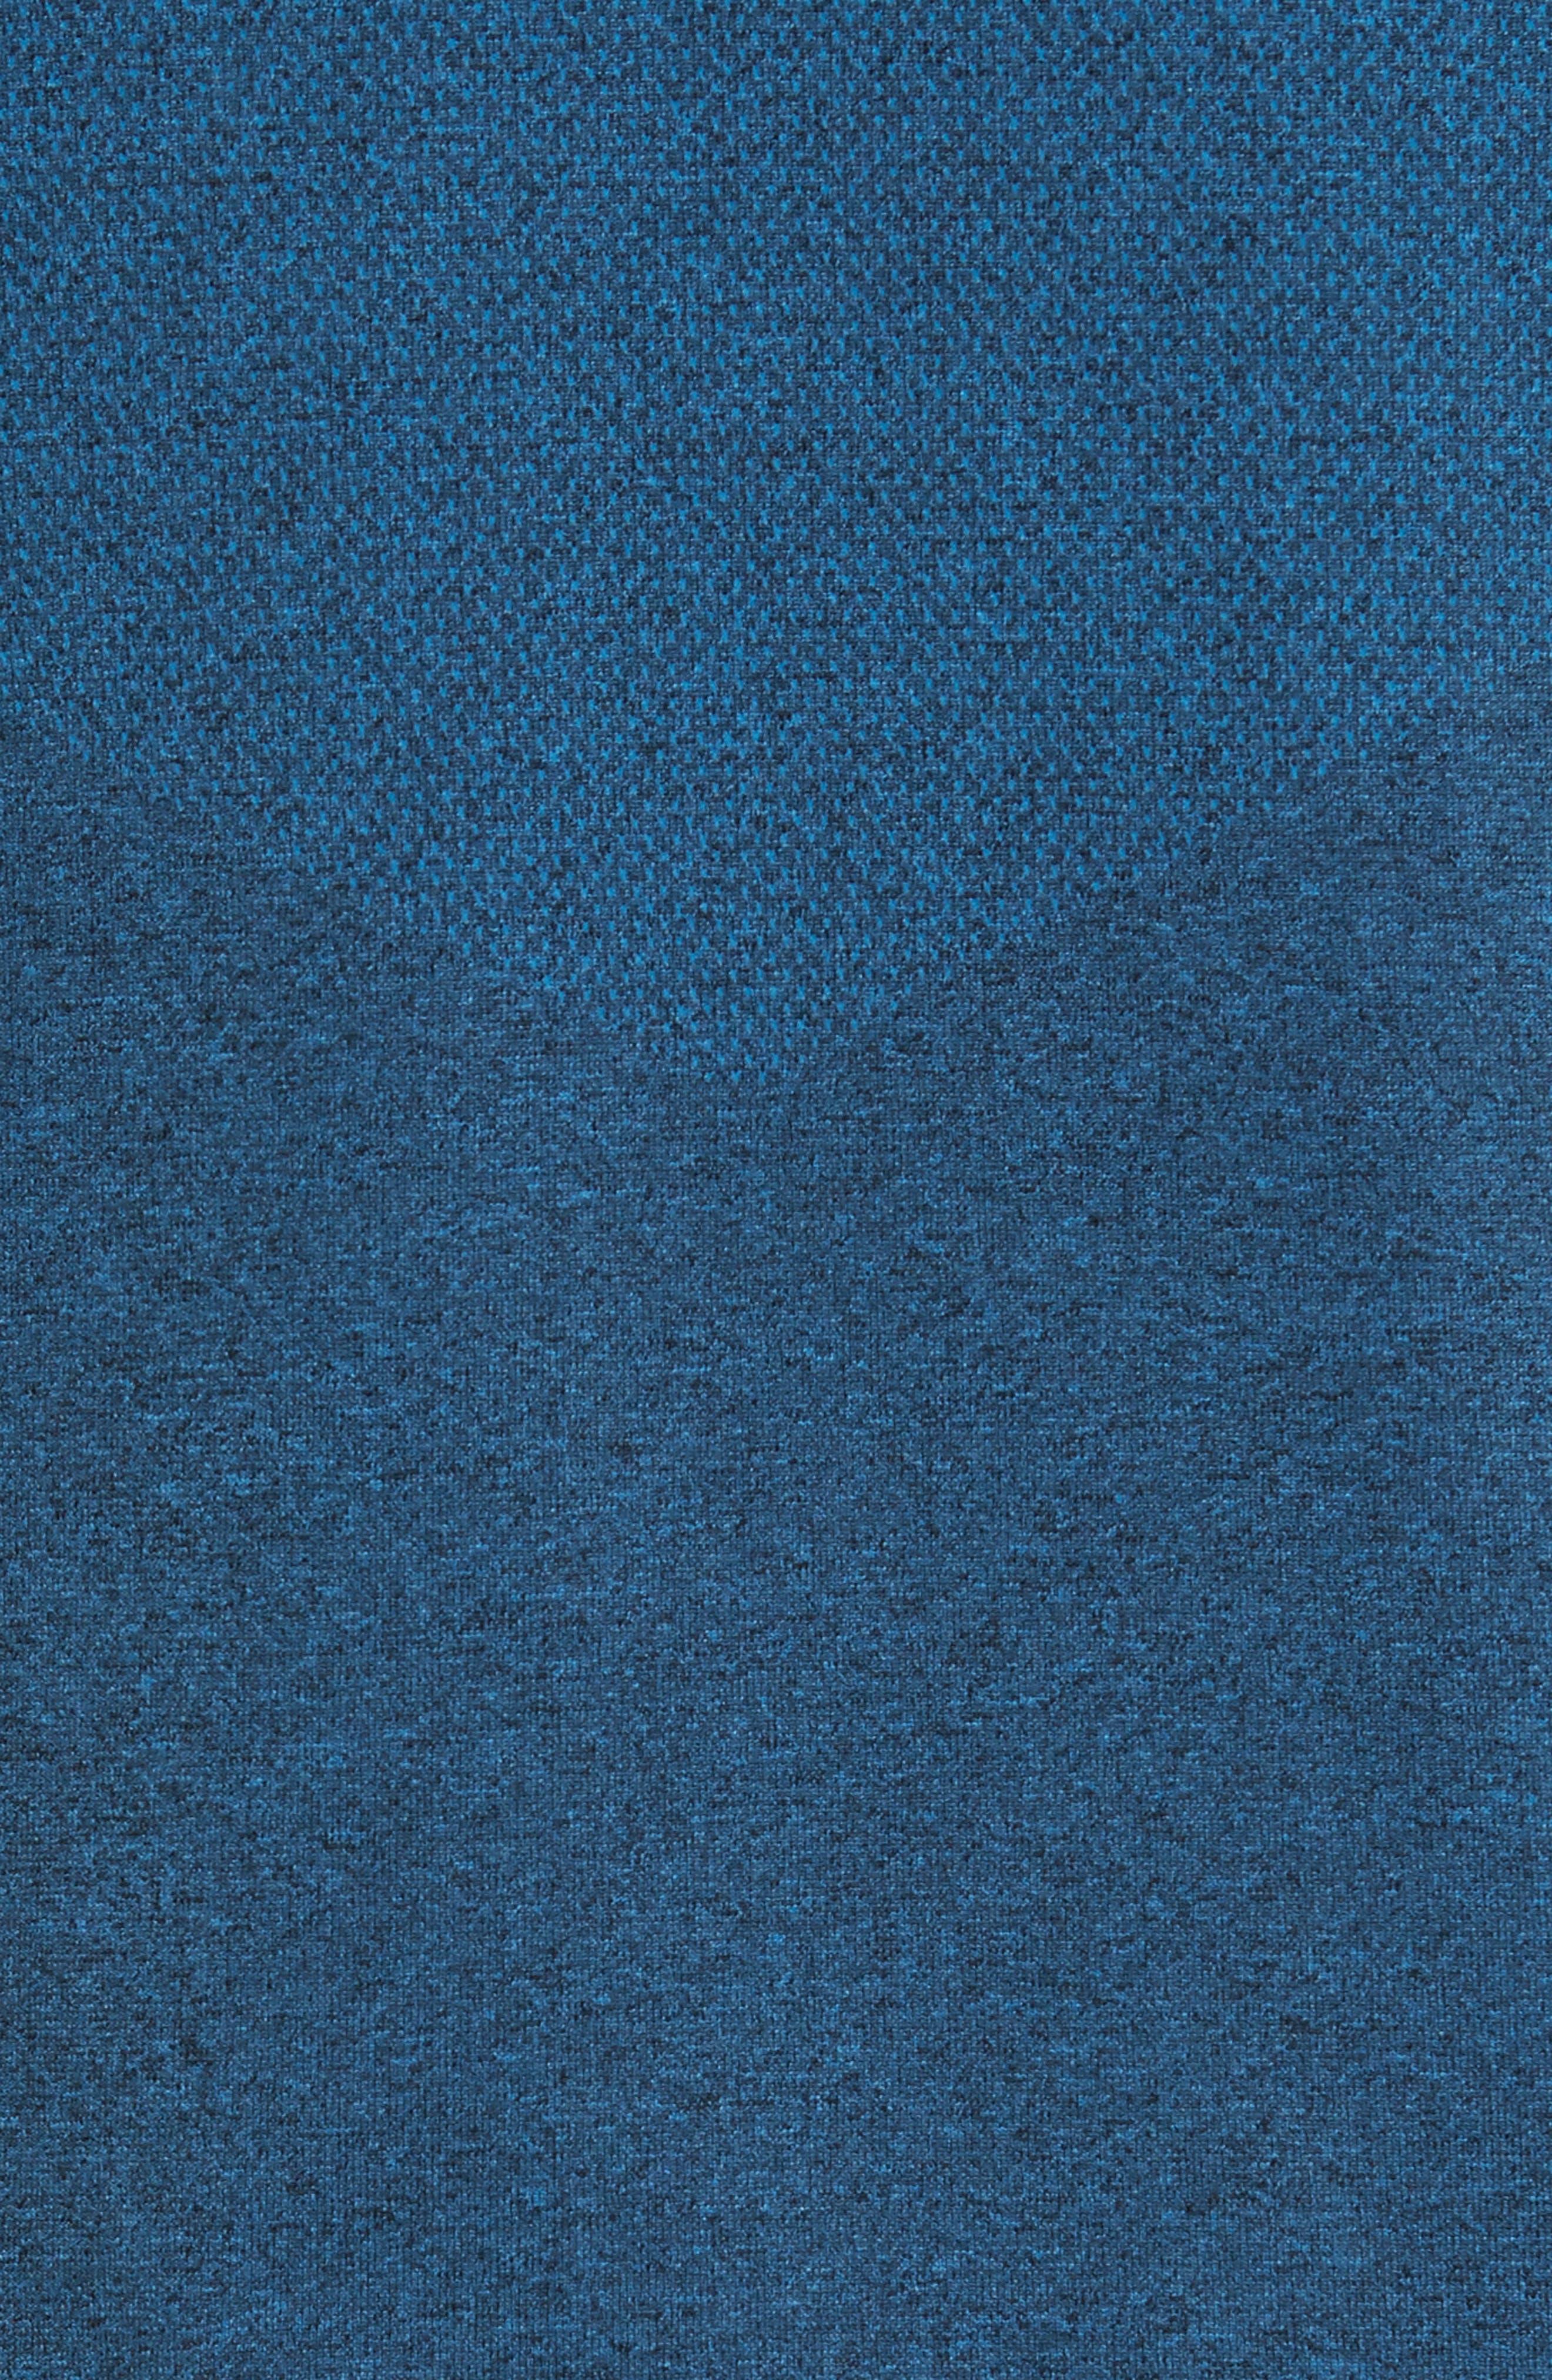 Zeolite Long Sleeve Performance T-Shirt,                             Alternate thumbnail 14, color,